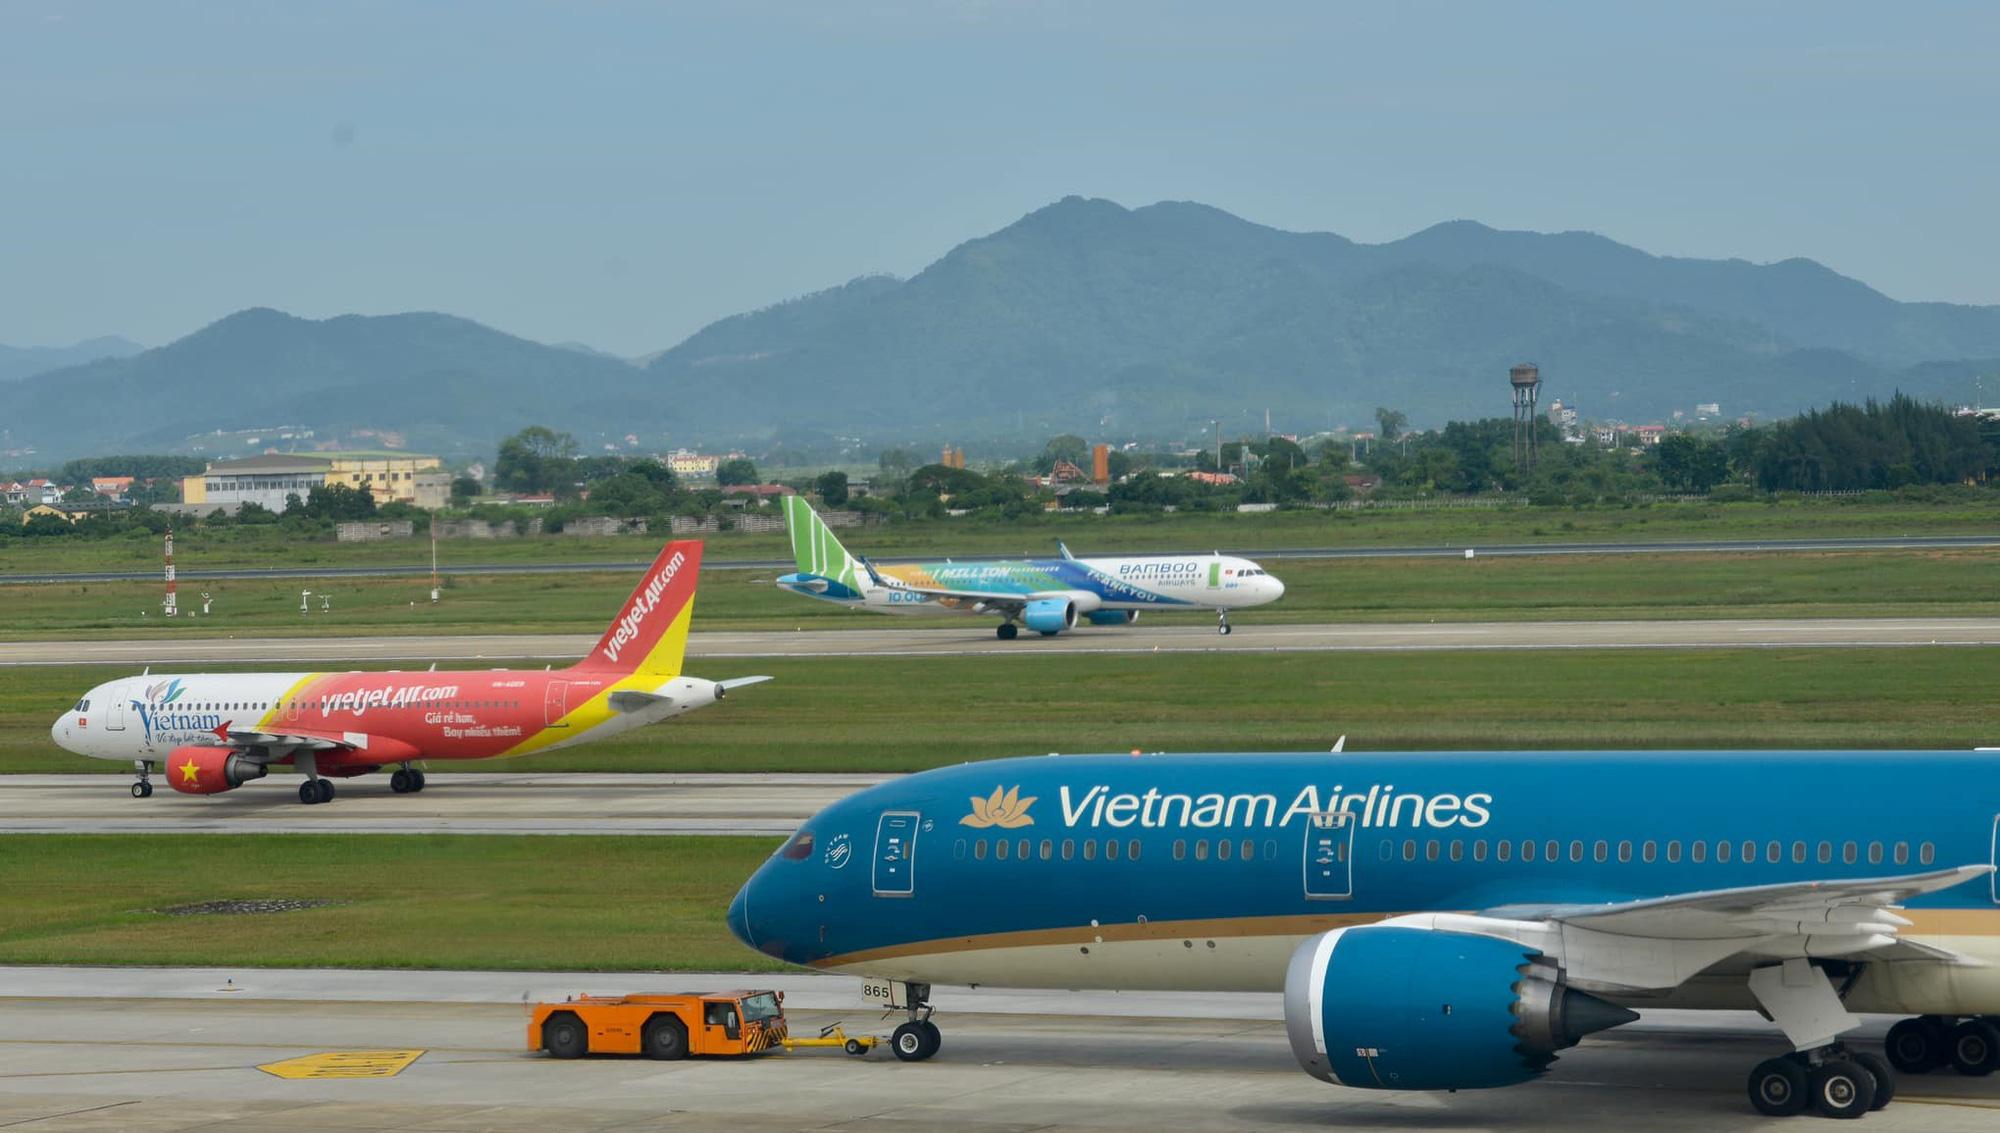 Vé máy bay Tết online vẫn còn nhiều khi hãng bay tăng cường chuyến đêm - Ảnh 6.